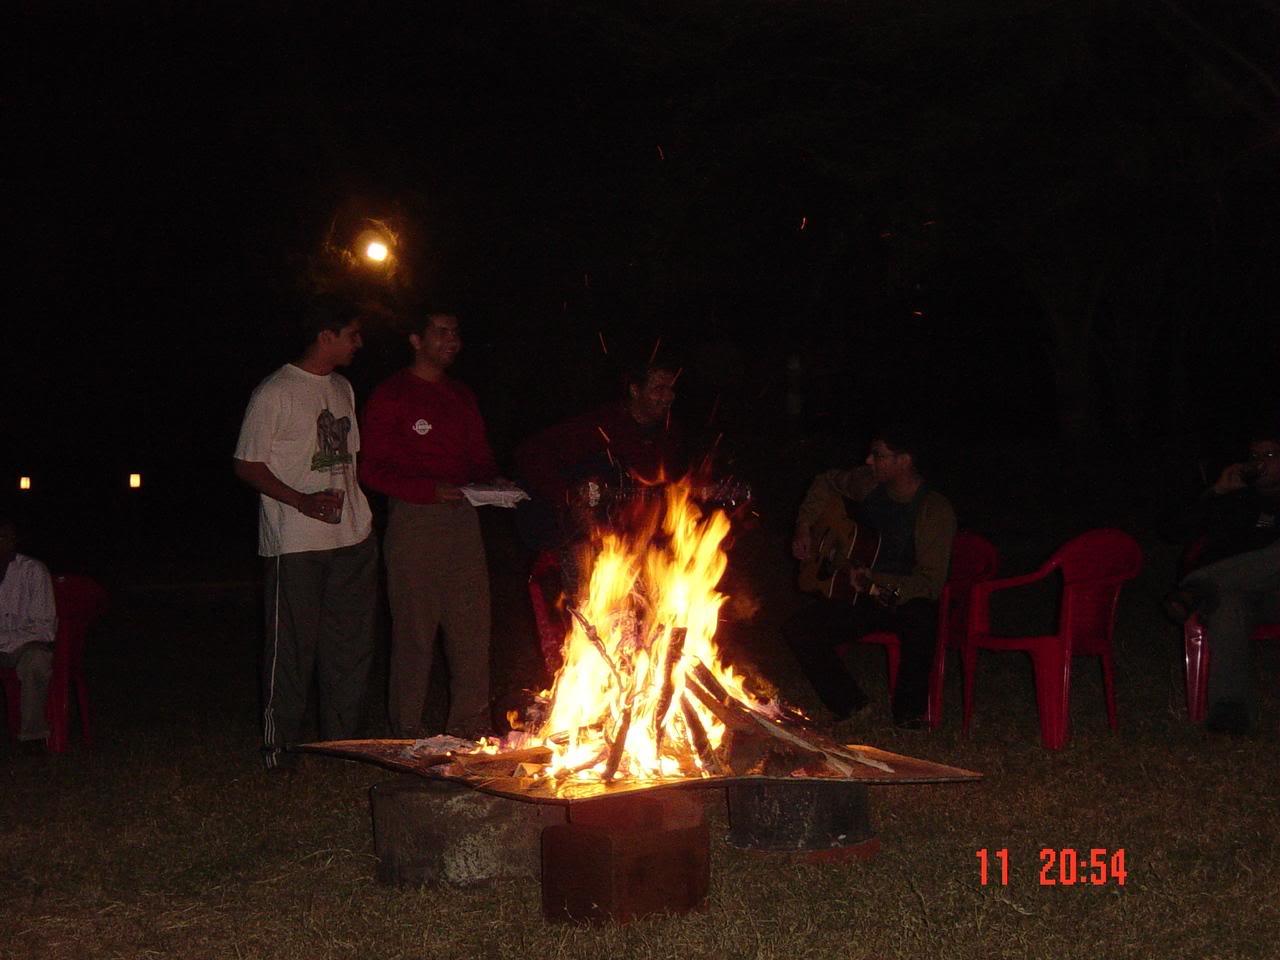 http://2.bp.blogspot.com/_2LcTPIIXUhw/TKqpM9BsnGI/AAAAAAAAAGA/eKJFSEDzgCs/s1600/bon+fire.jpg